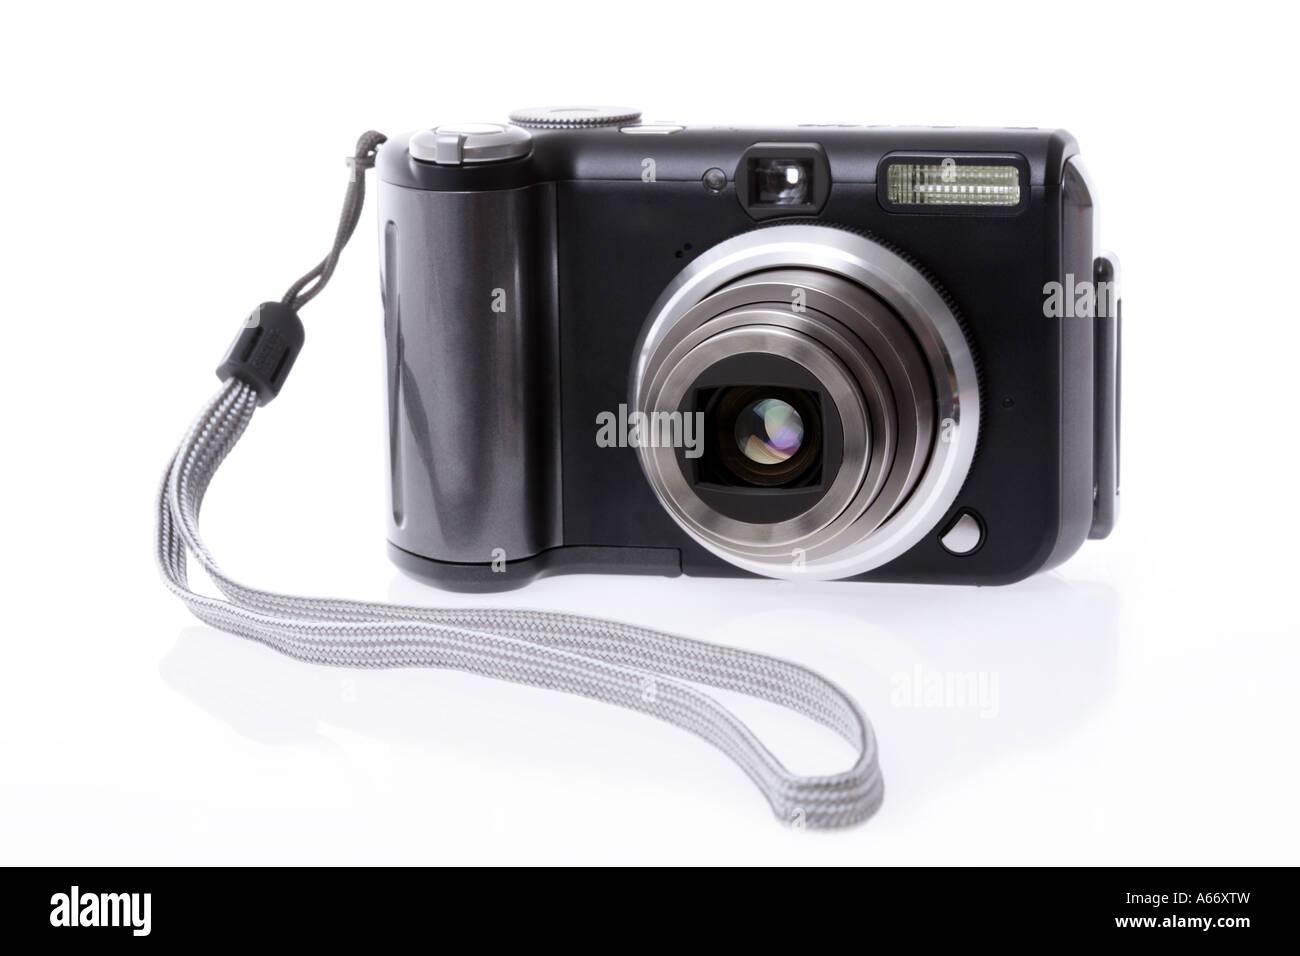 Fotocamera digitale ritagliata su sfondo bianco Immagini Stock